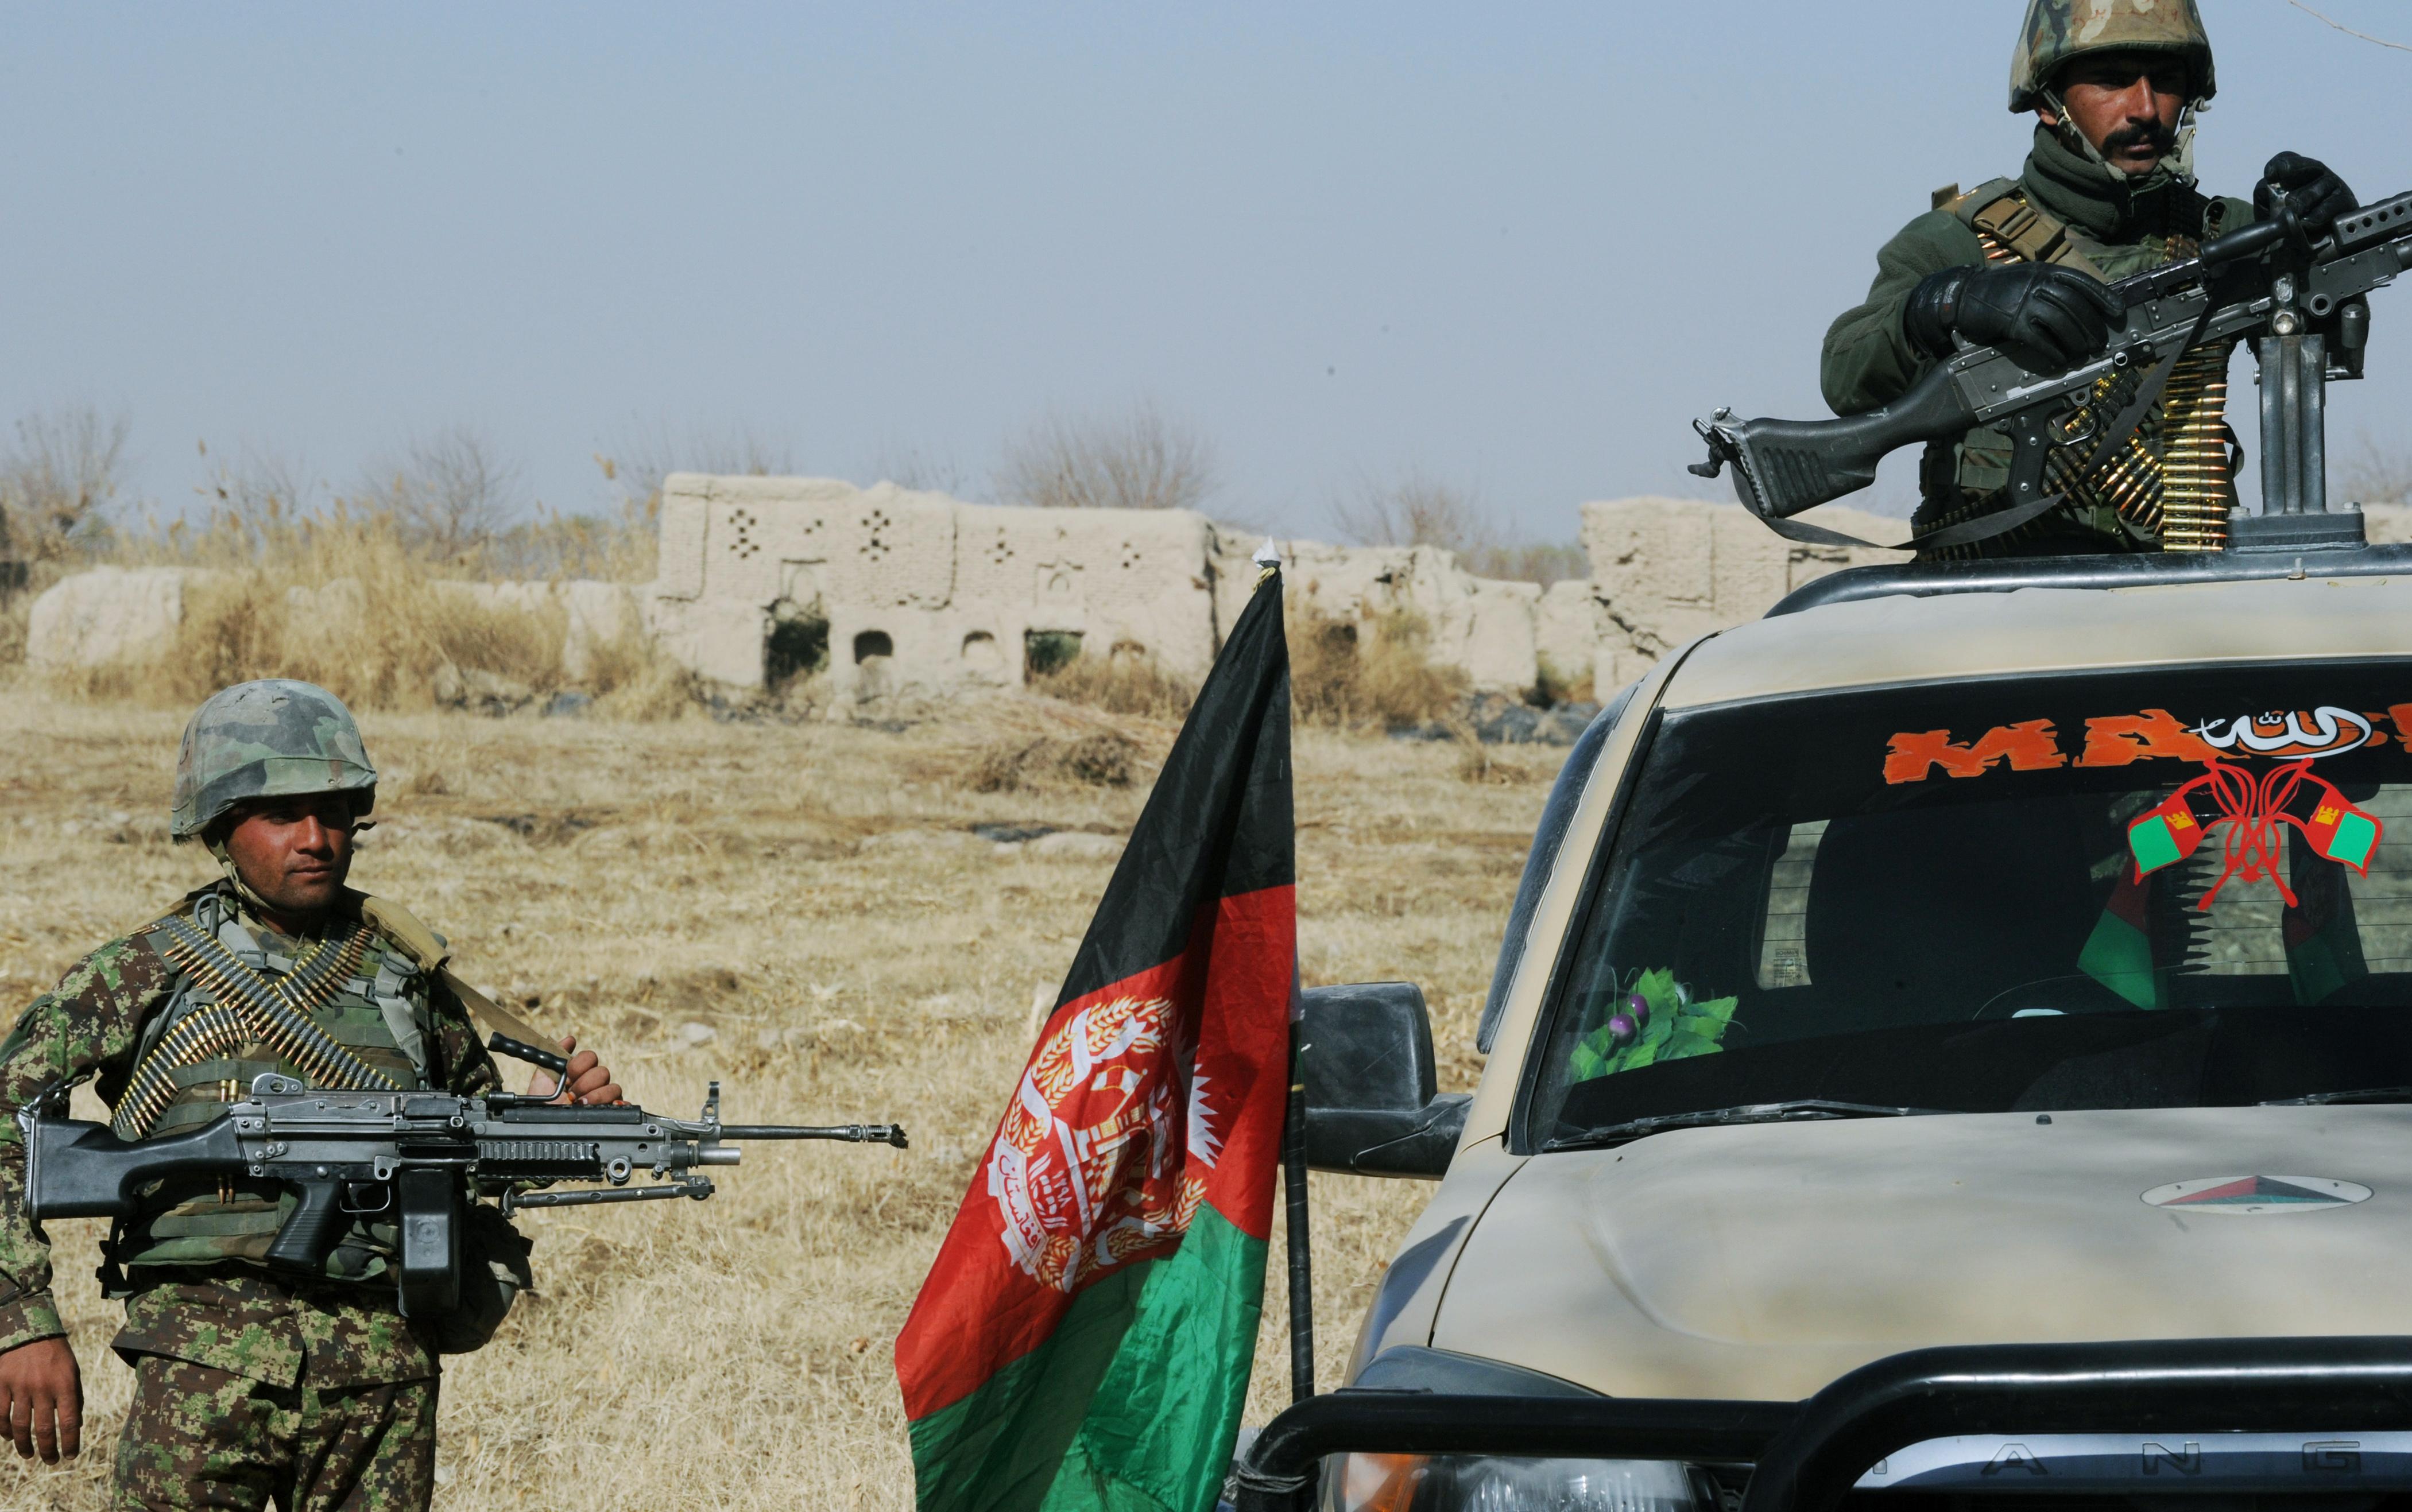 افغان طالبان قیادت کے جھگڑوں اور دوسری اندرونی رسہ کشی کا شکار ہیں